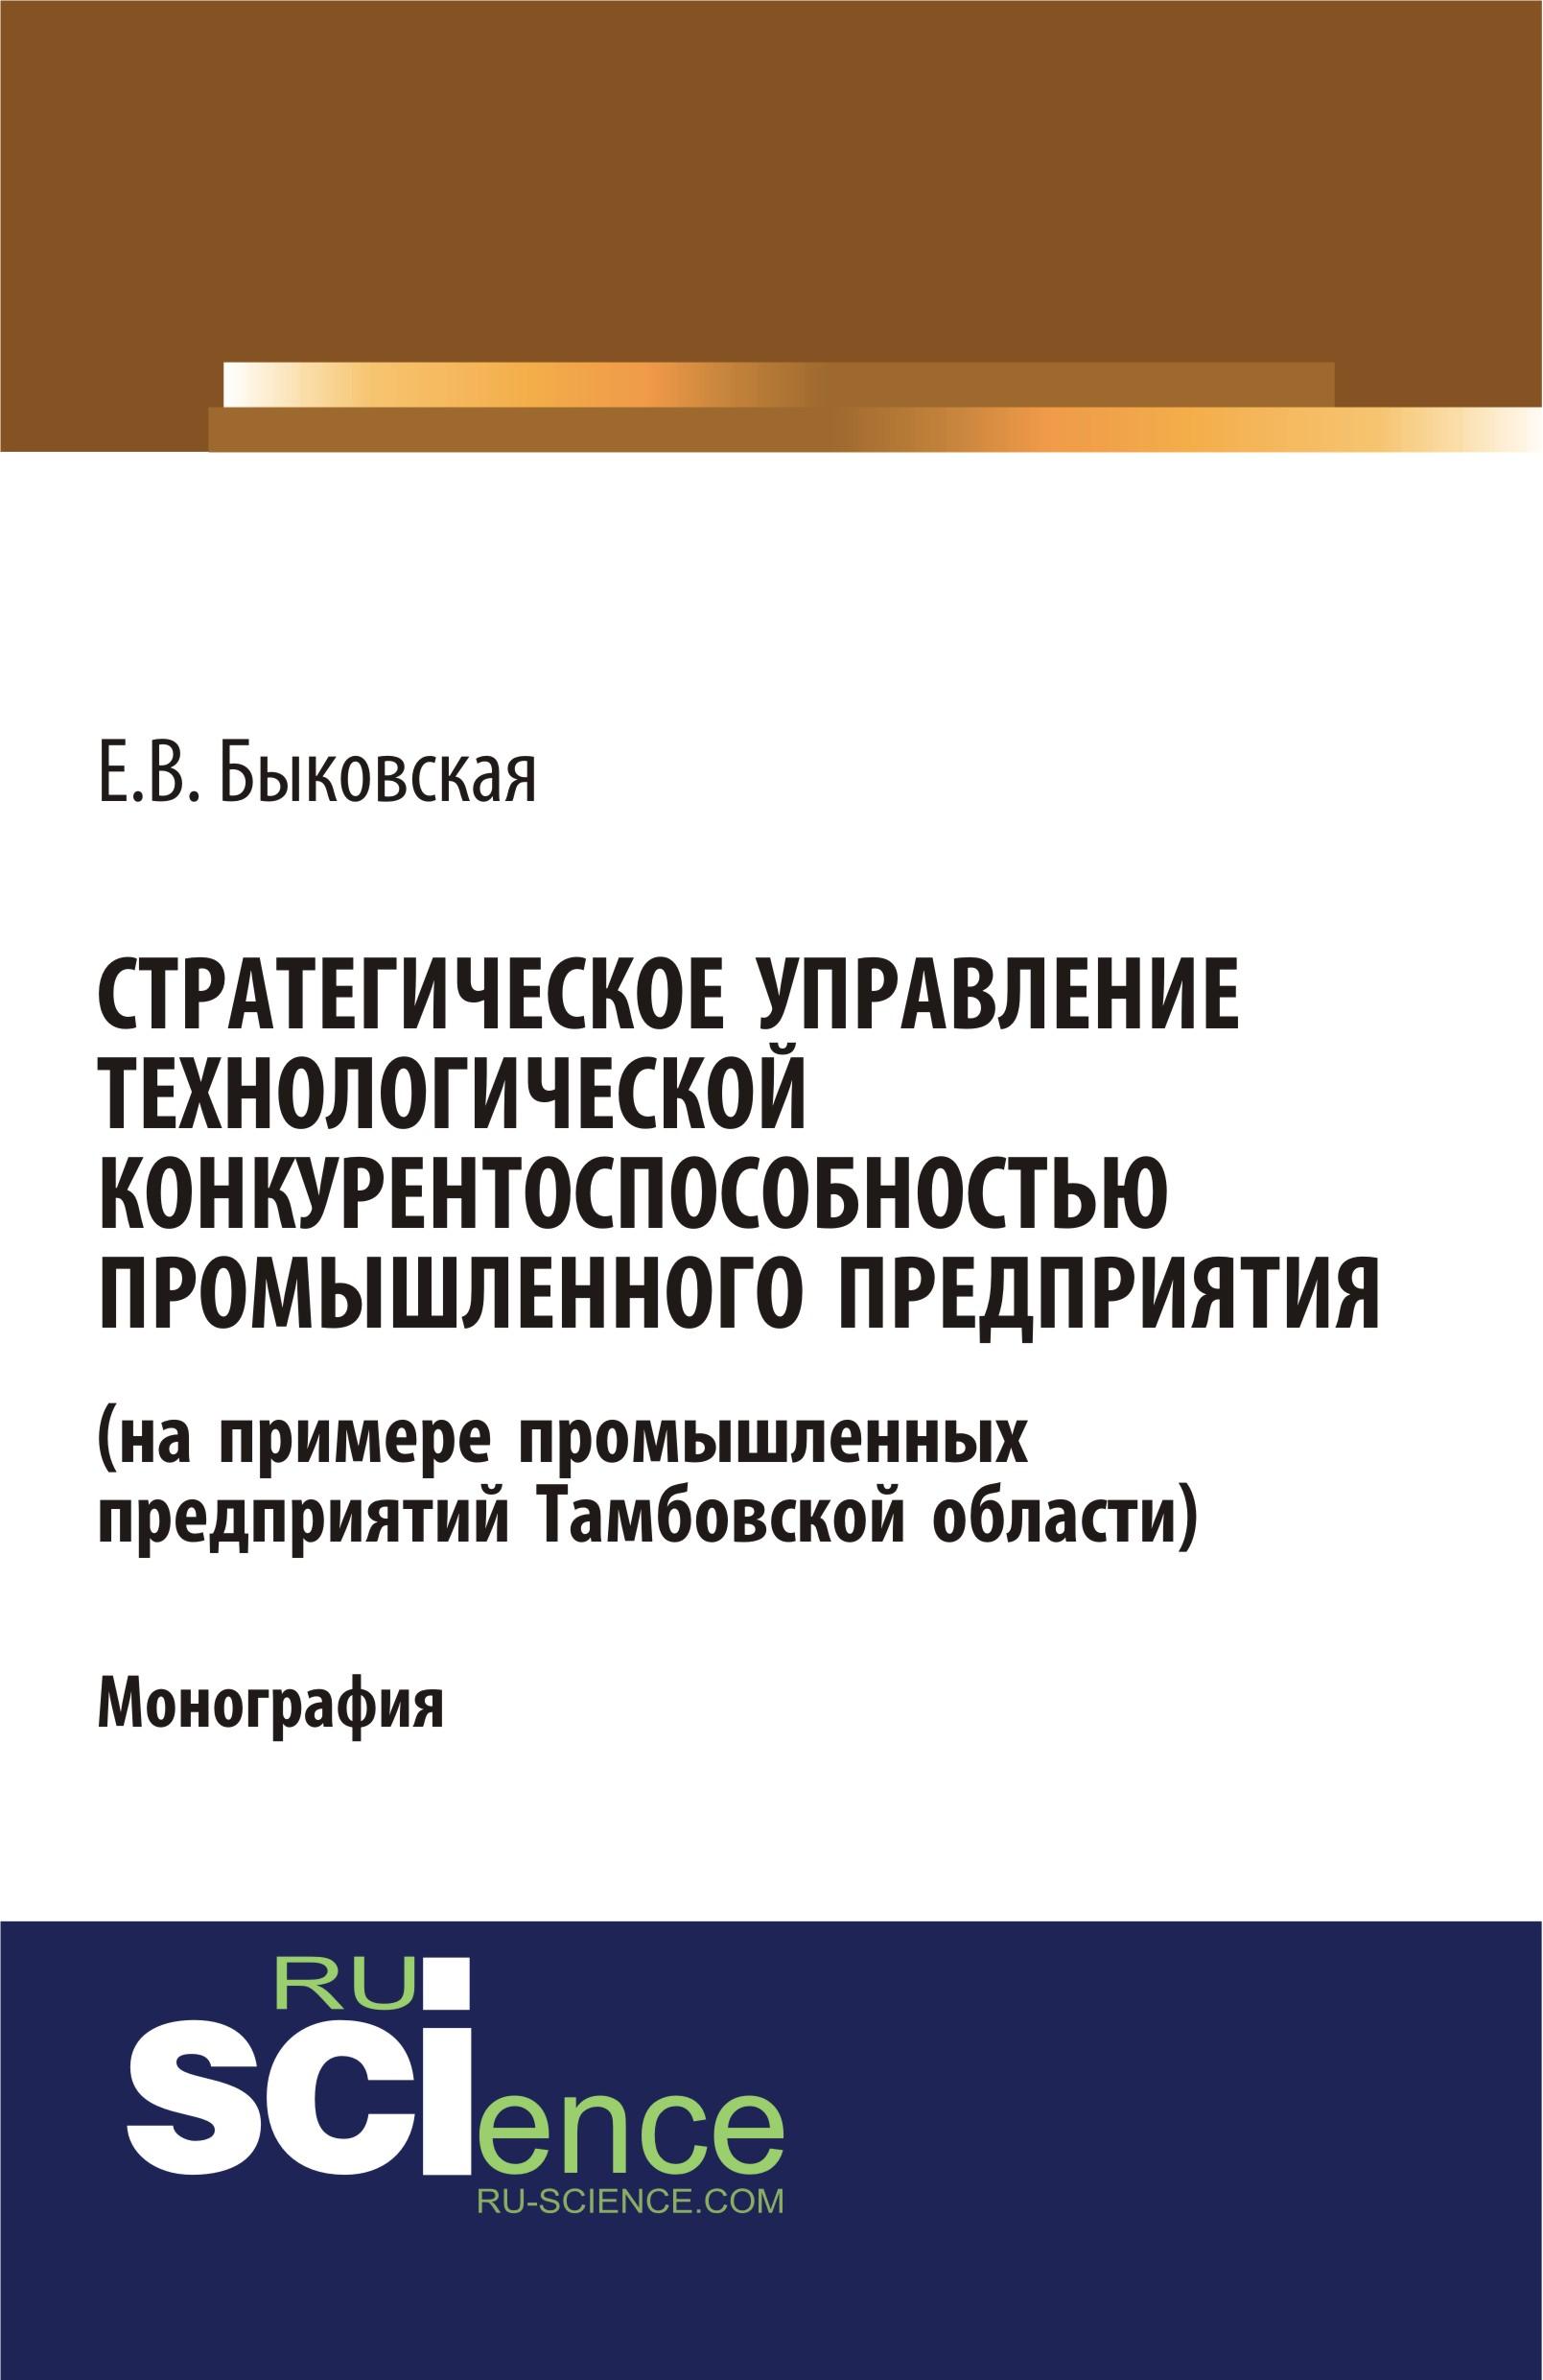 Cтратегическое управление технологической конкурентоспособностью промышленного предприятия (на примере промышленных предприятий Тамбовской области)